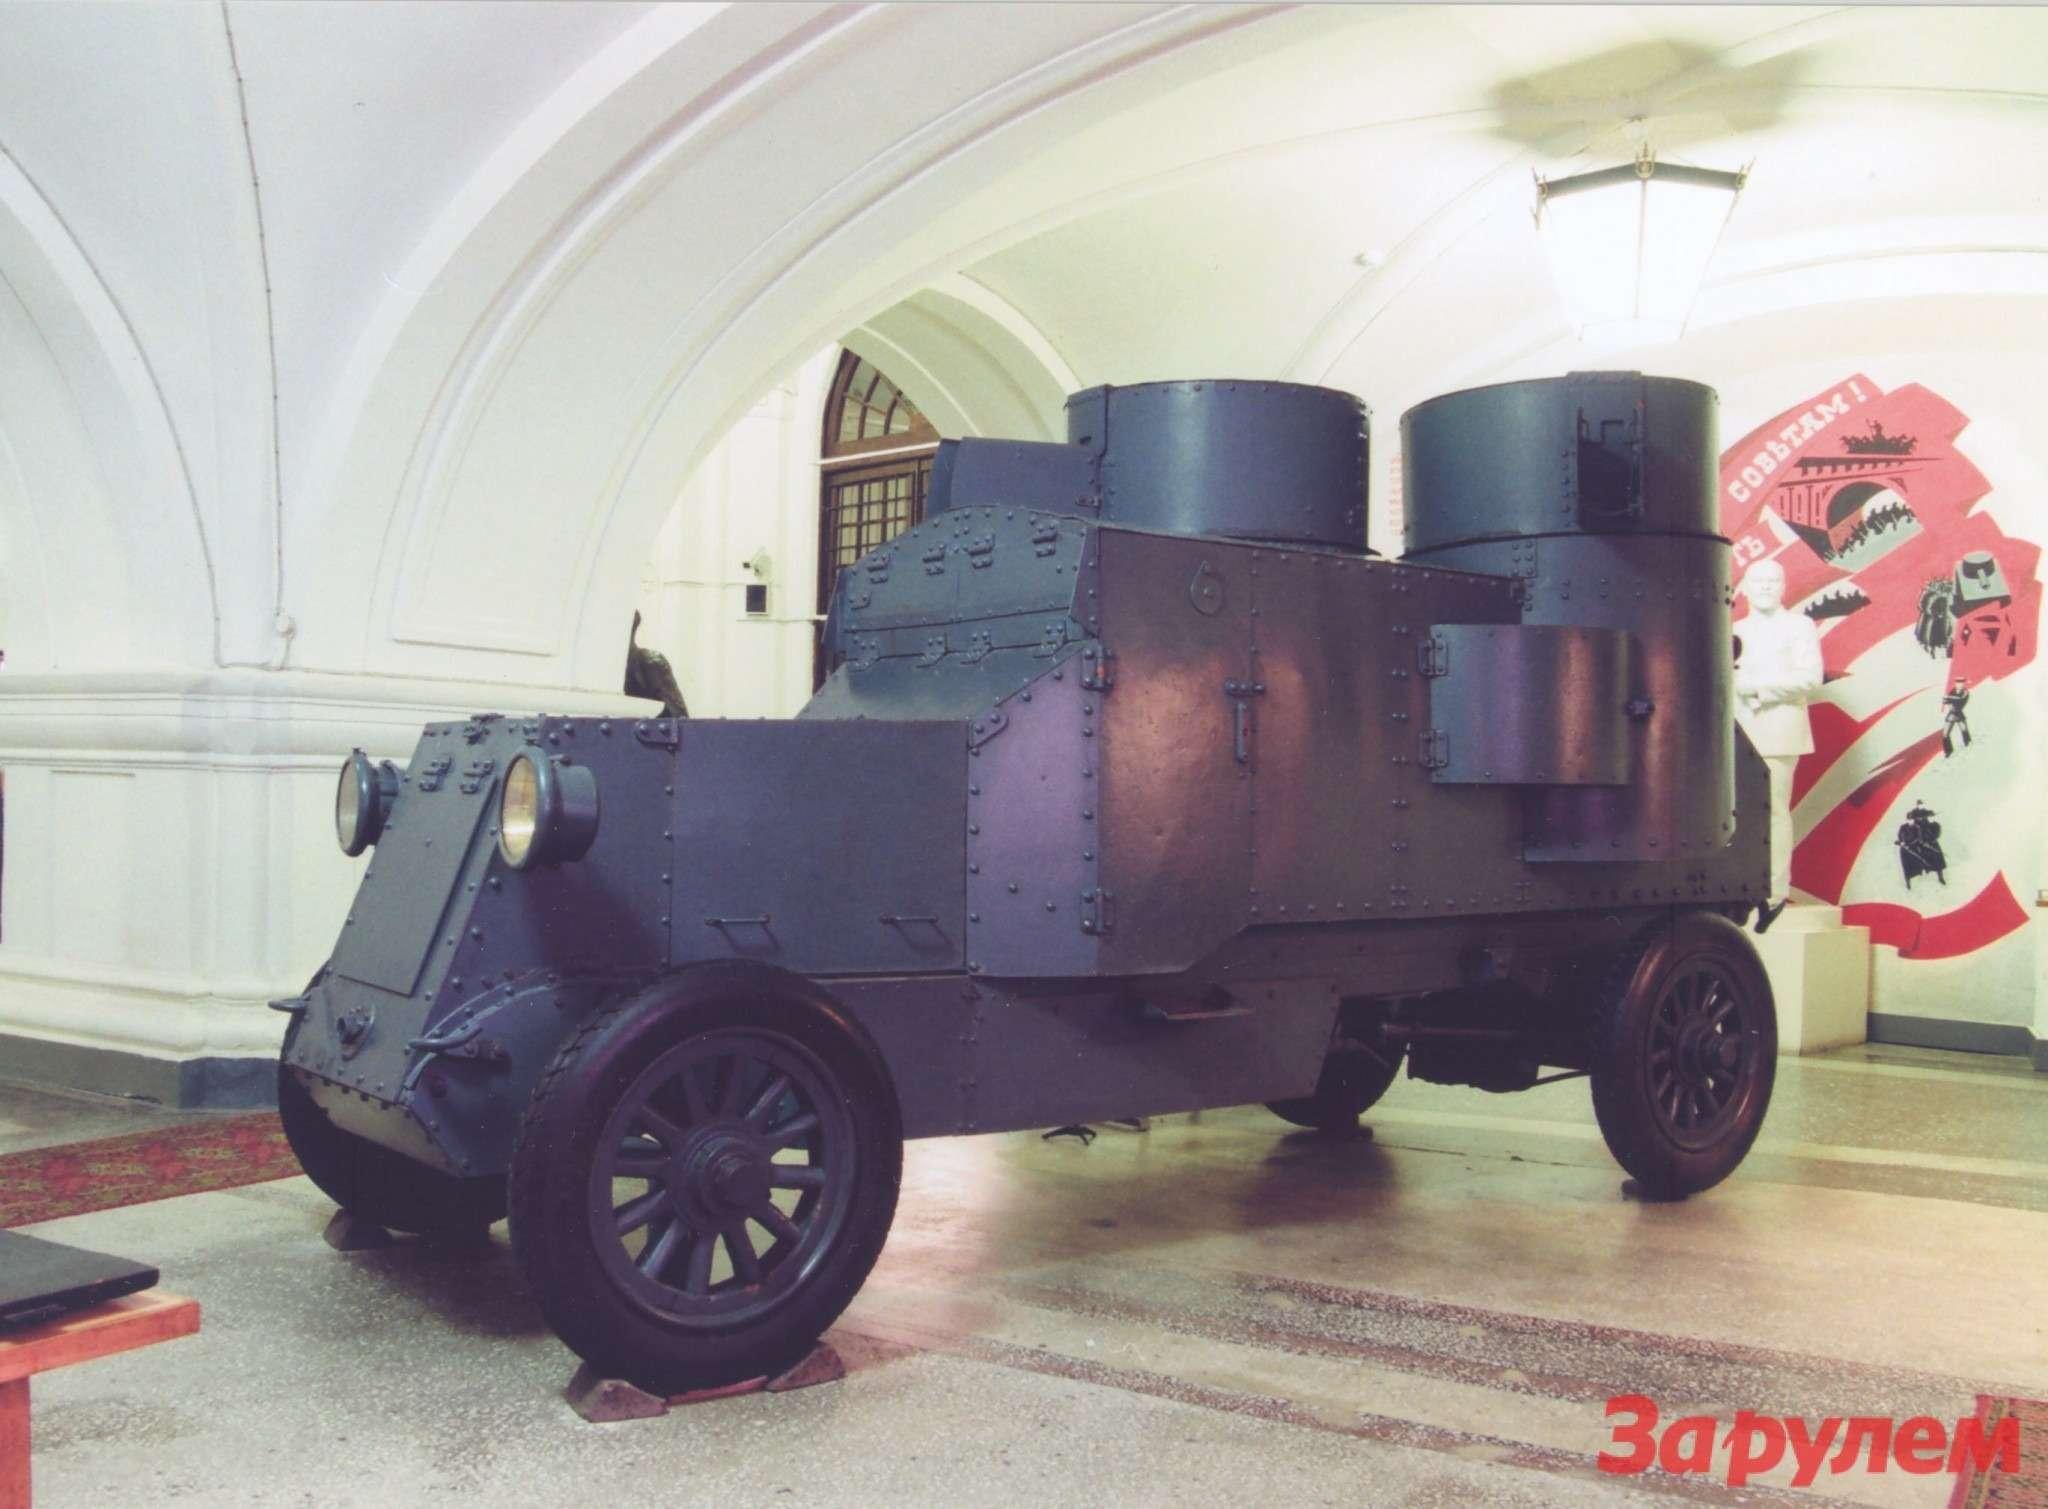 Броневик «Остин-Путиловский» вМузее артиллерии, инженерных войск ивойск связи вСанкт-Петербурге.